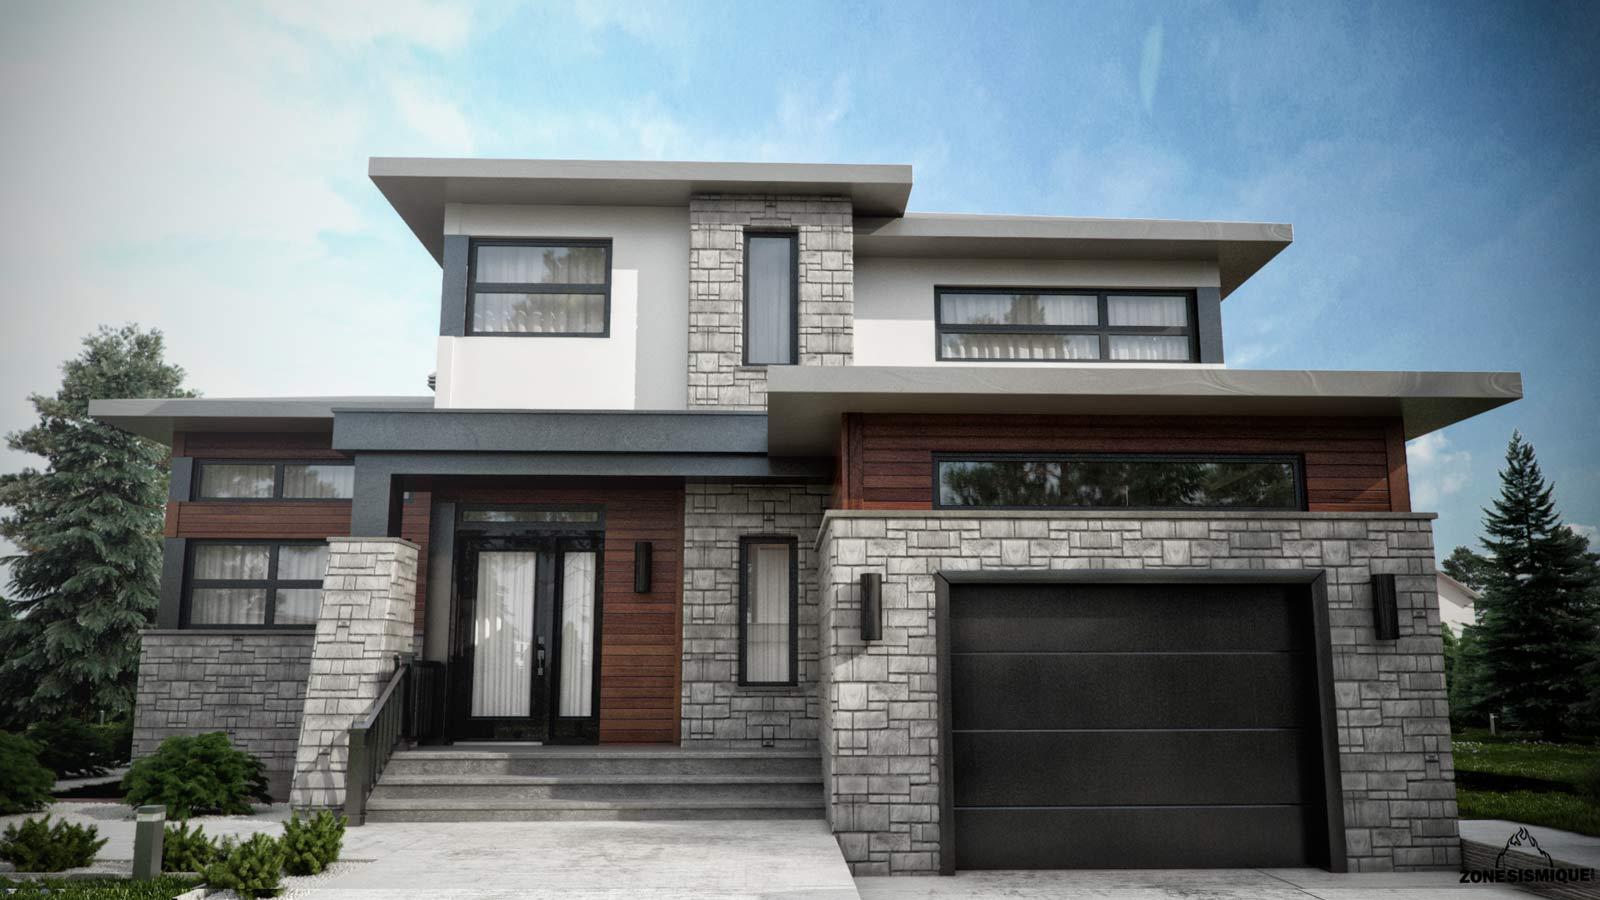 Maison pierre moderne sofag - Maison en pierre moderne ...